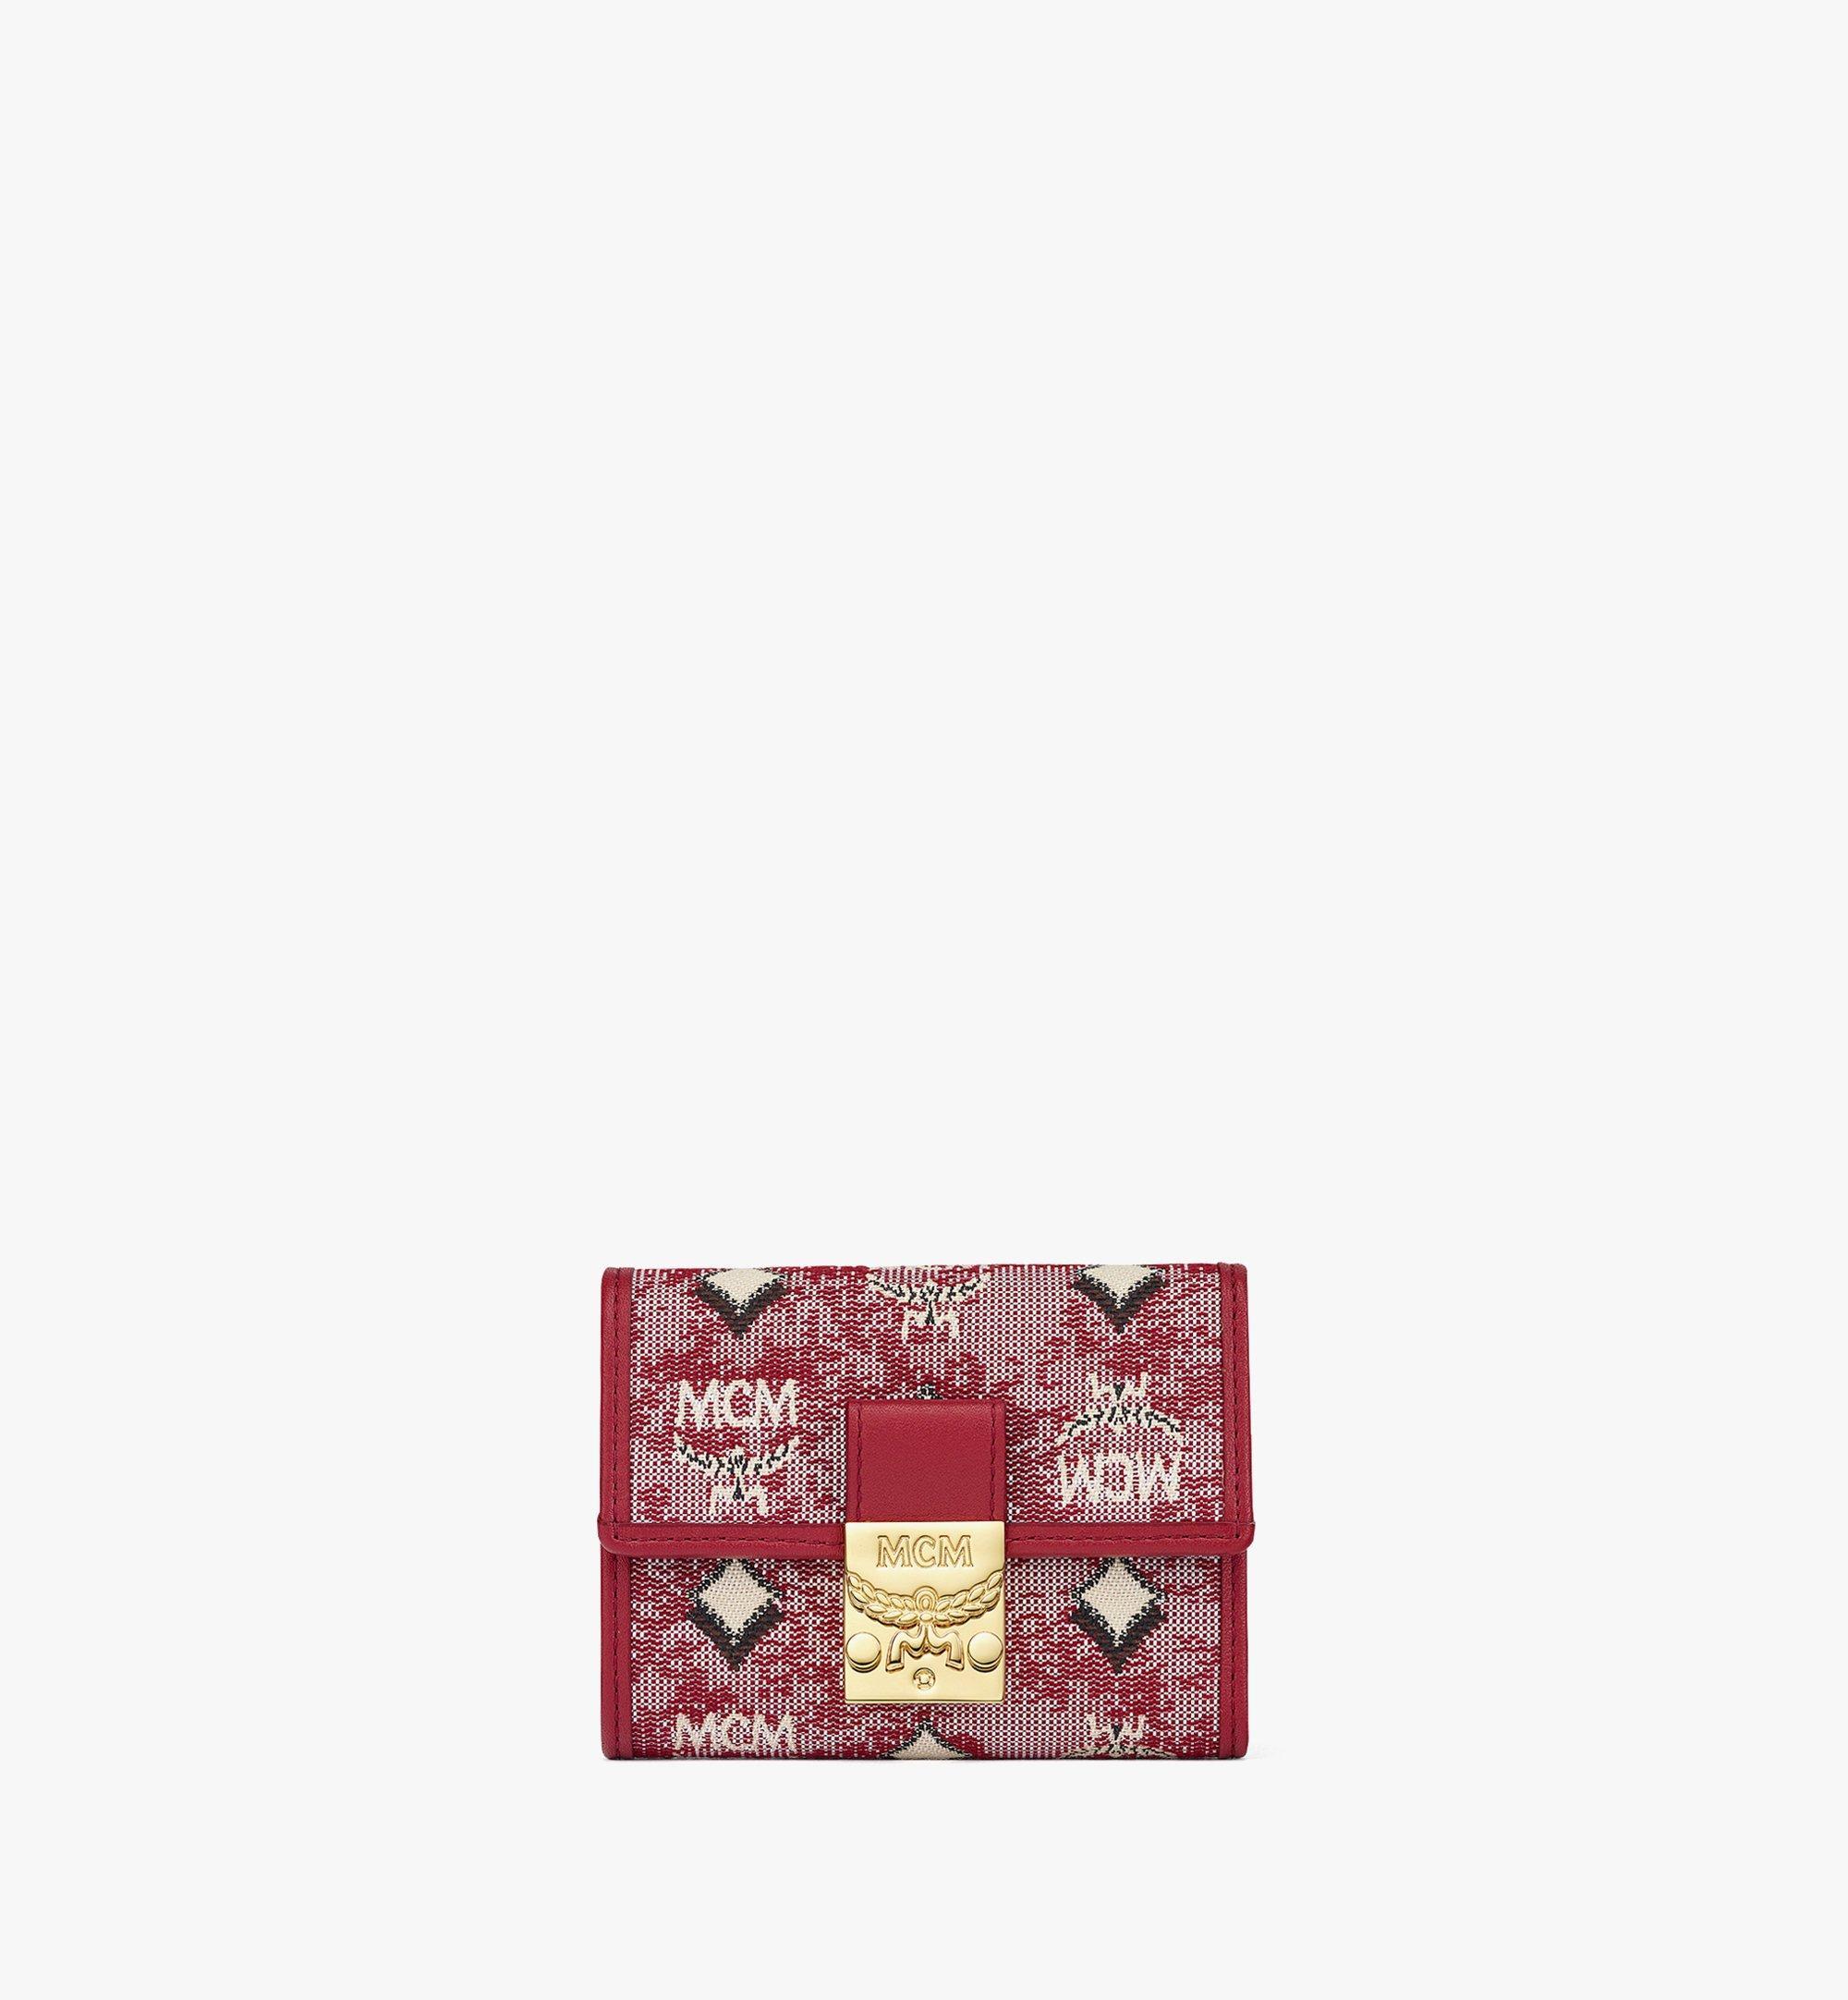 MCM Vintage Jacquard Monogram 三折式钱包 Red MYSBATQ01RE001 更多视角 1